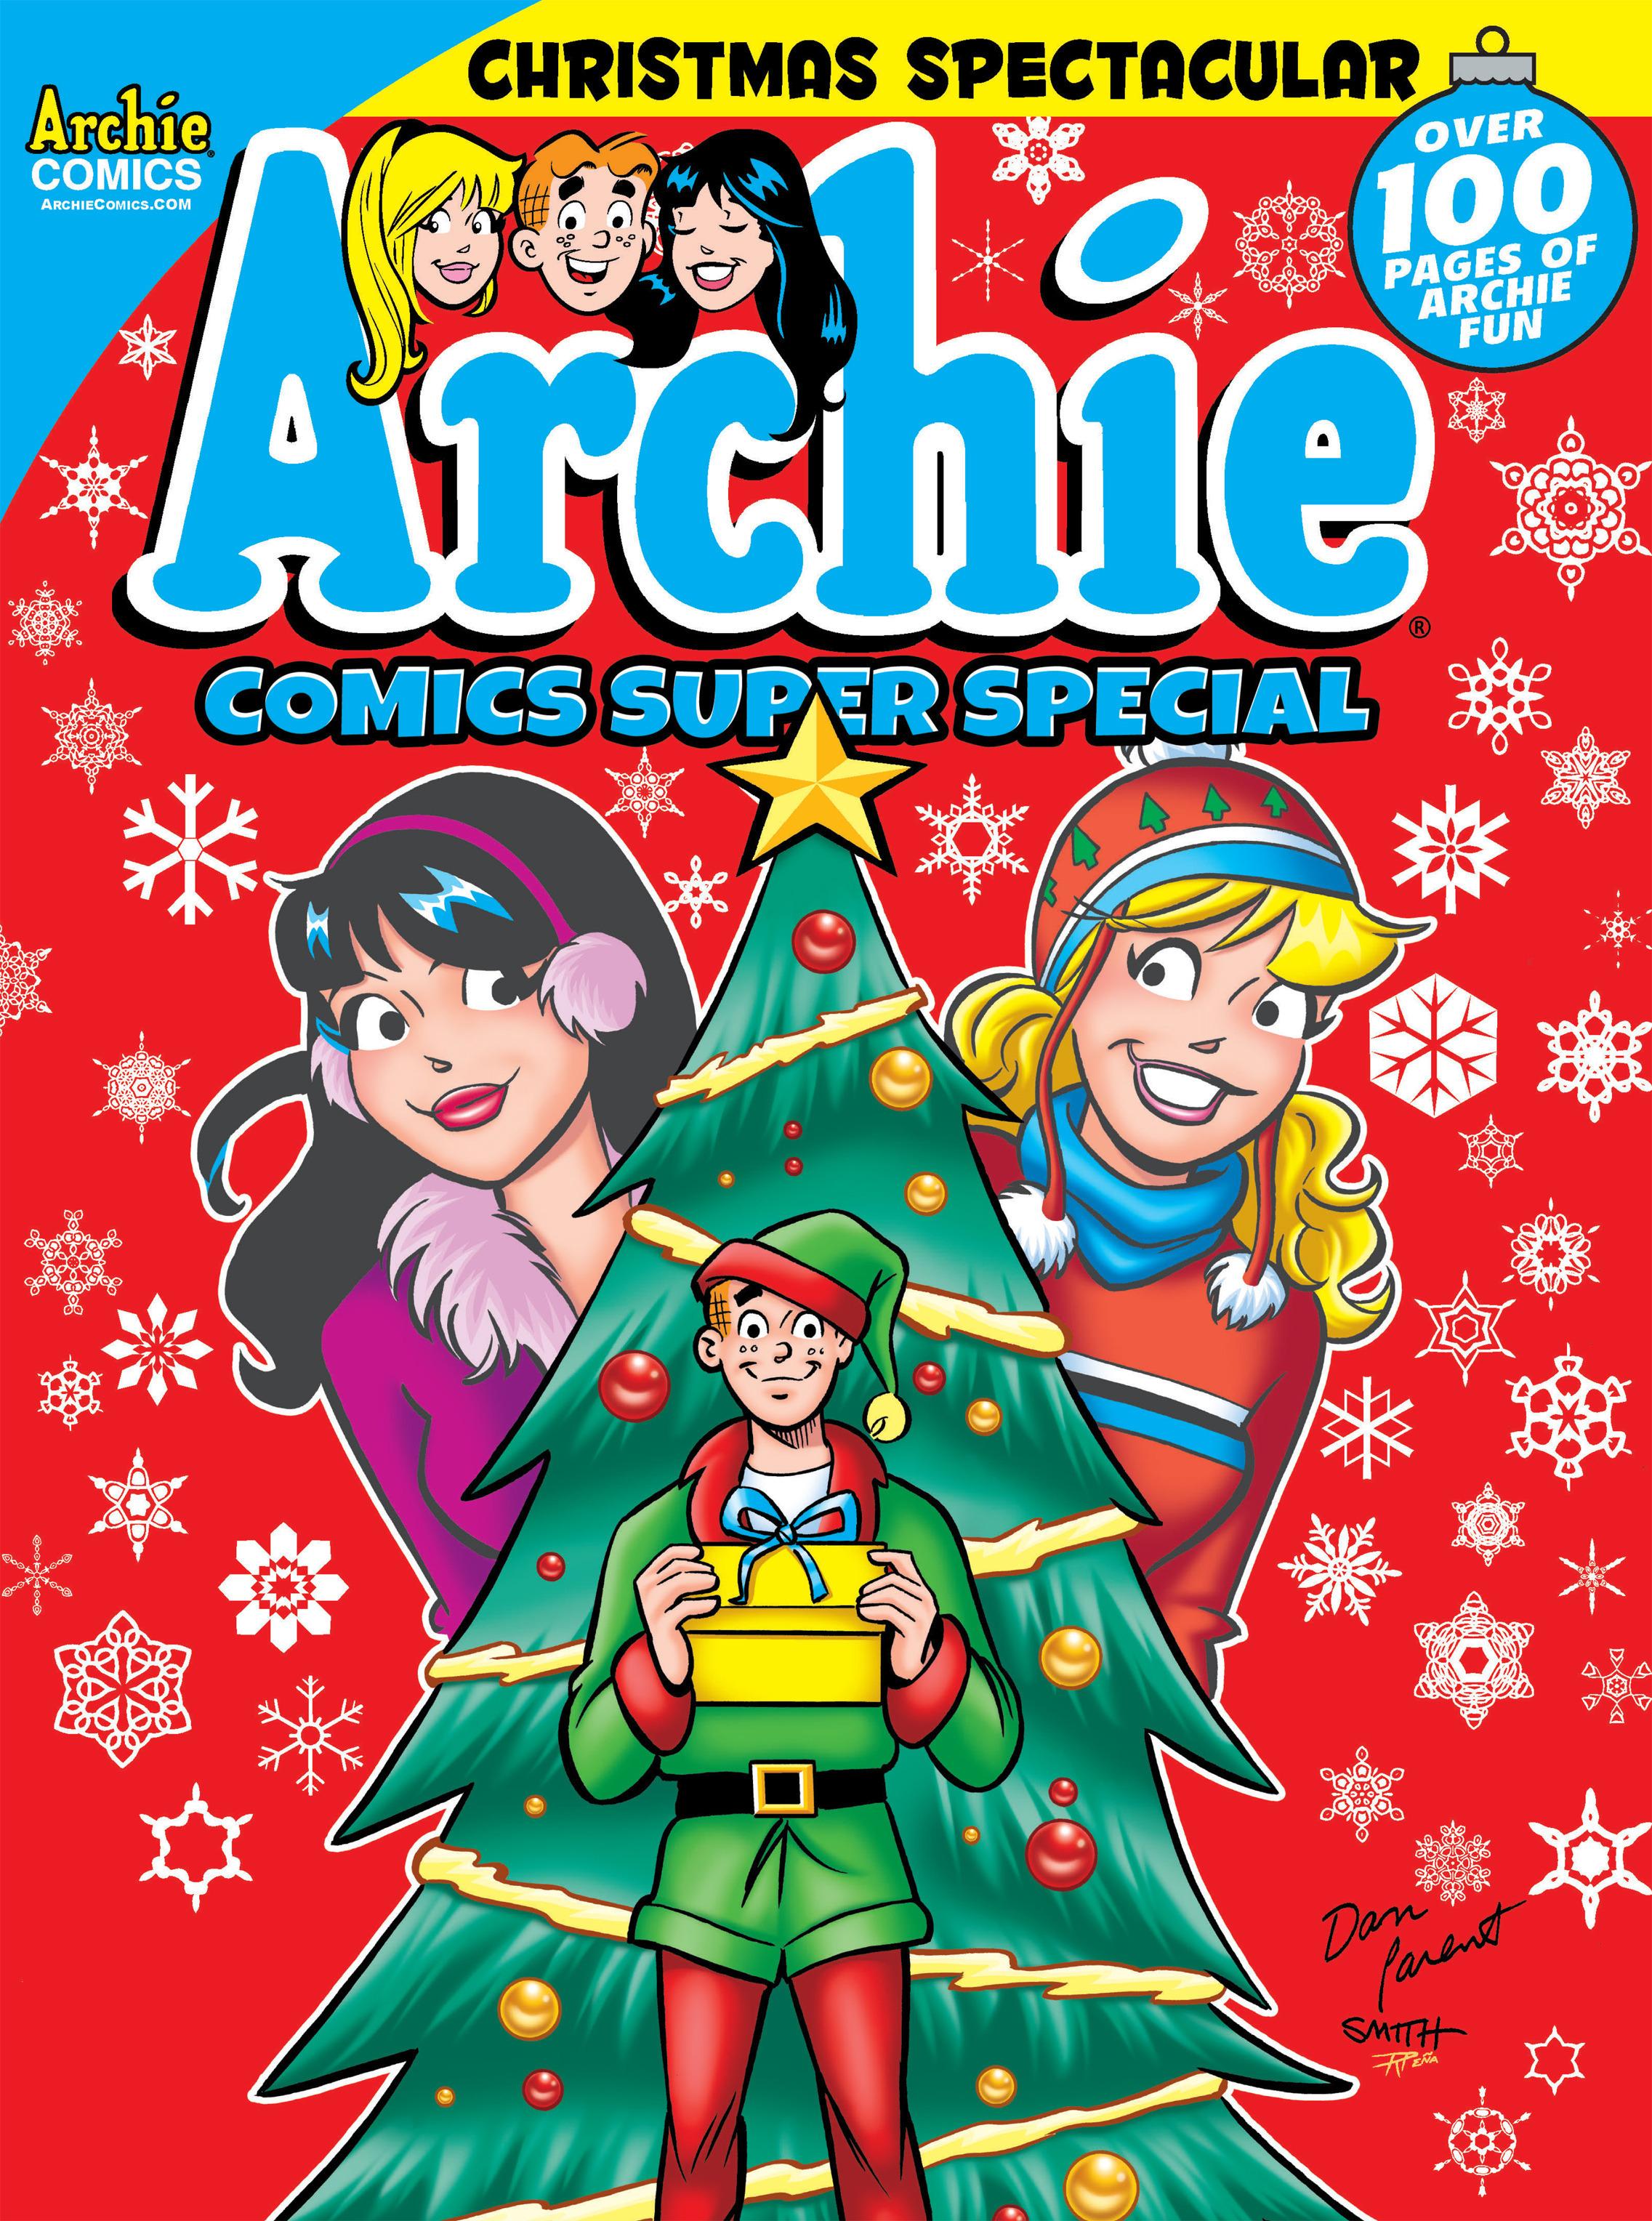 Archie Comics Super Special 7 Page 1